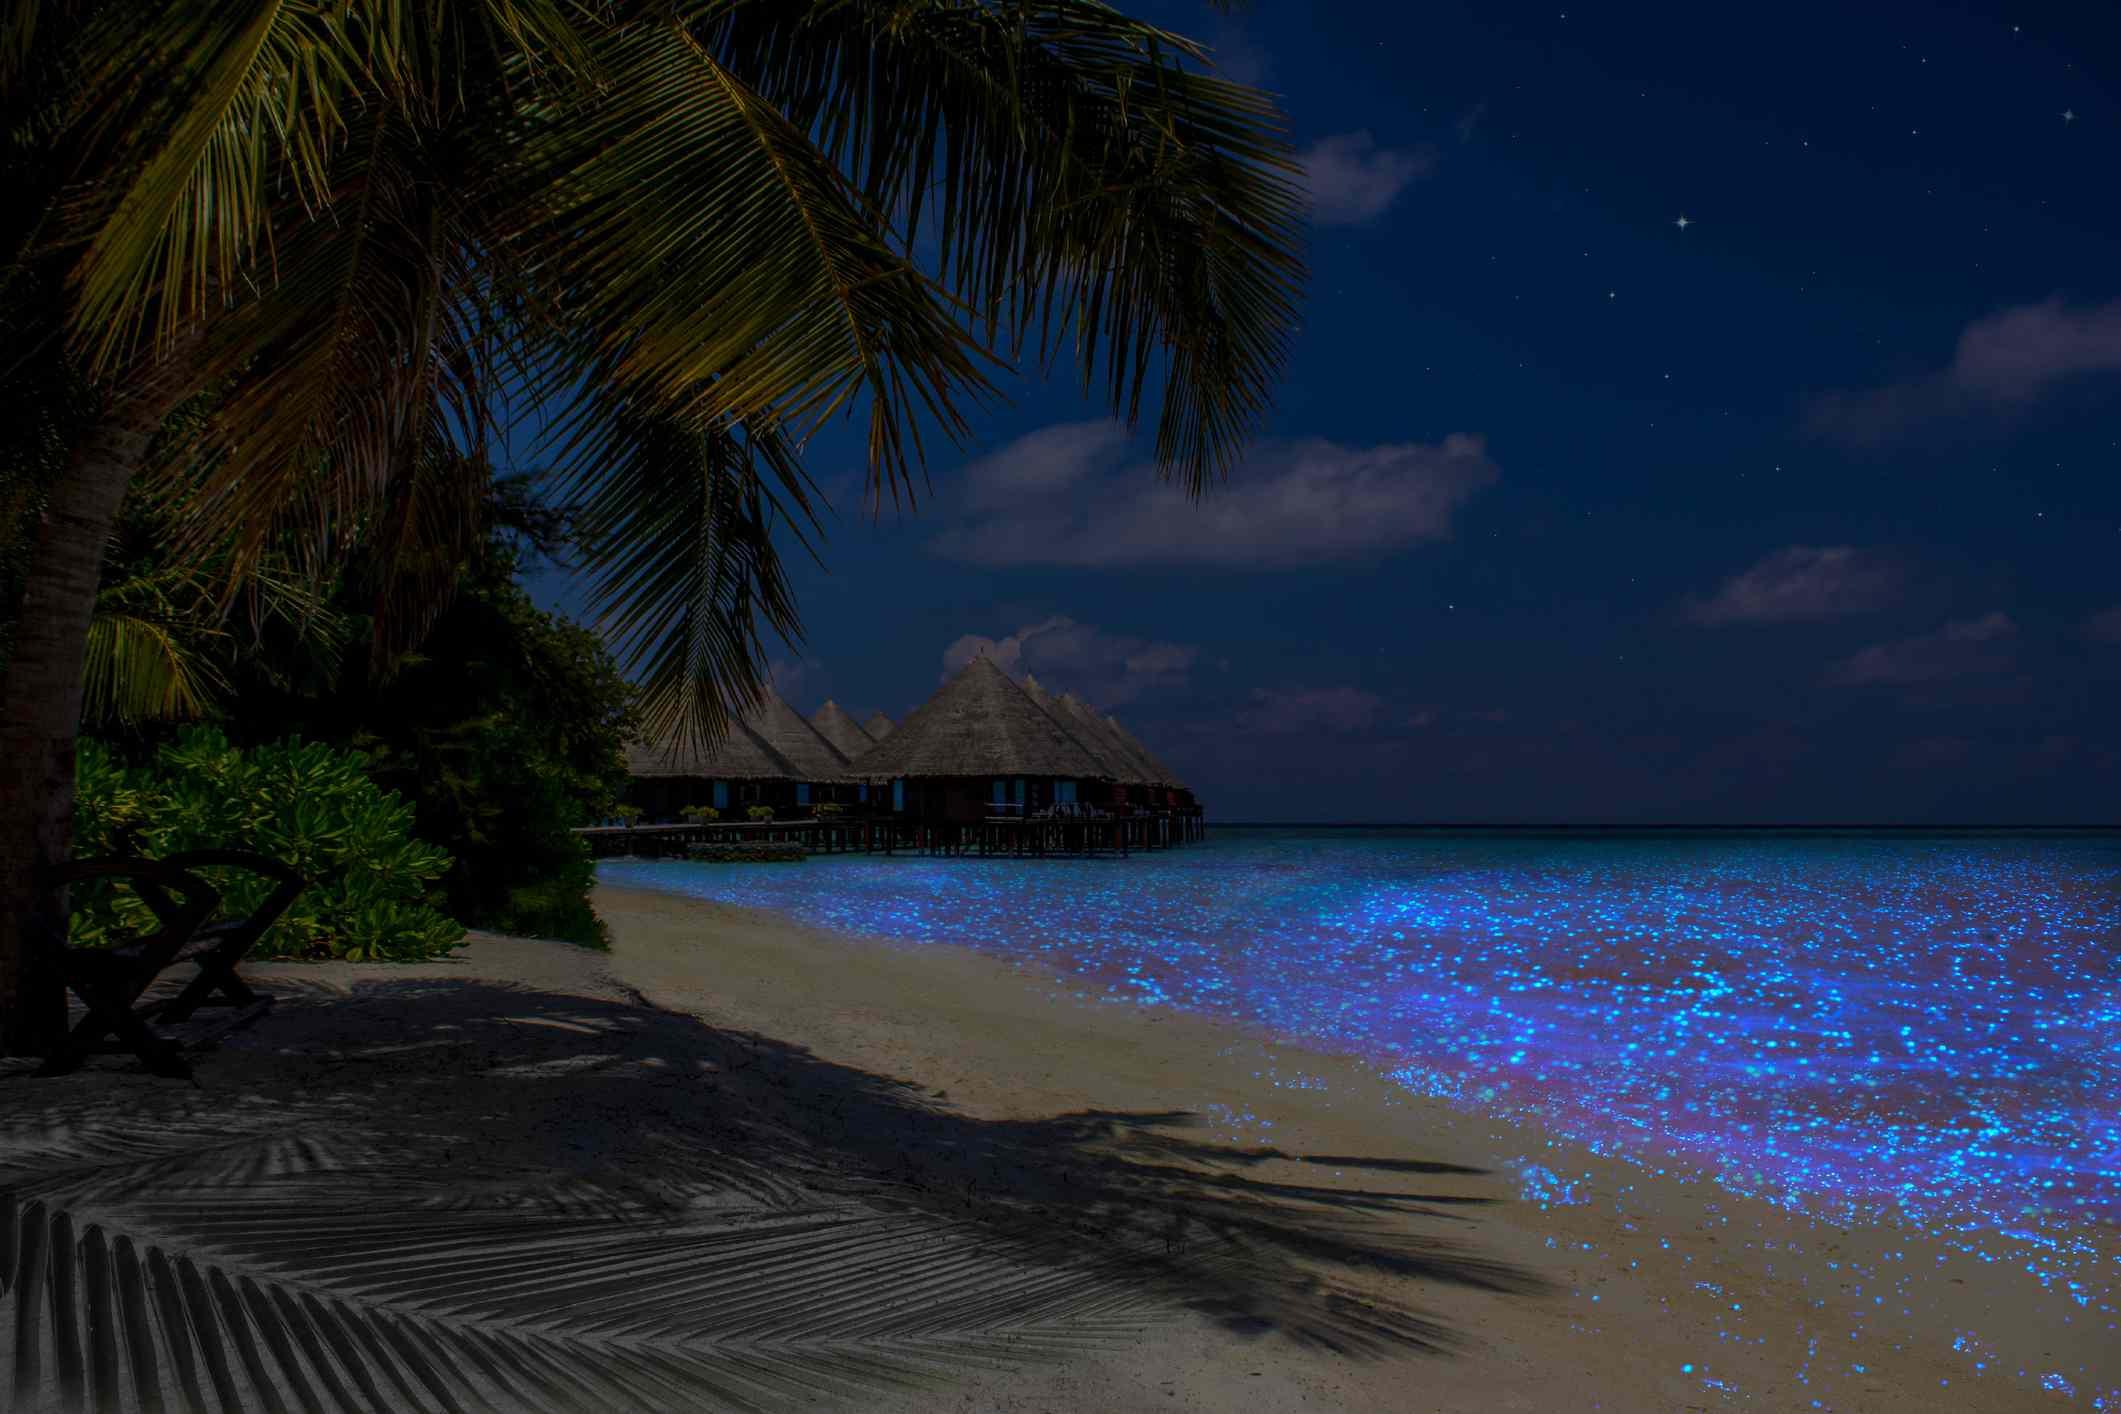 Fluorescent plankton in the Maldives